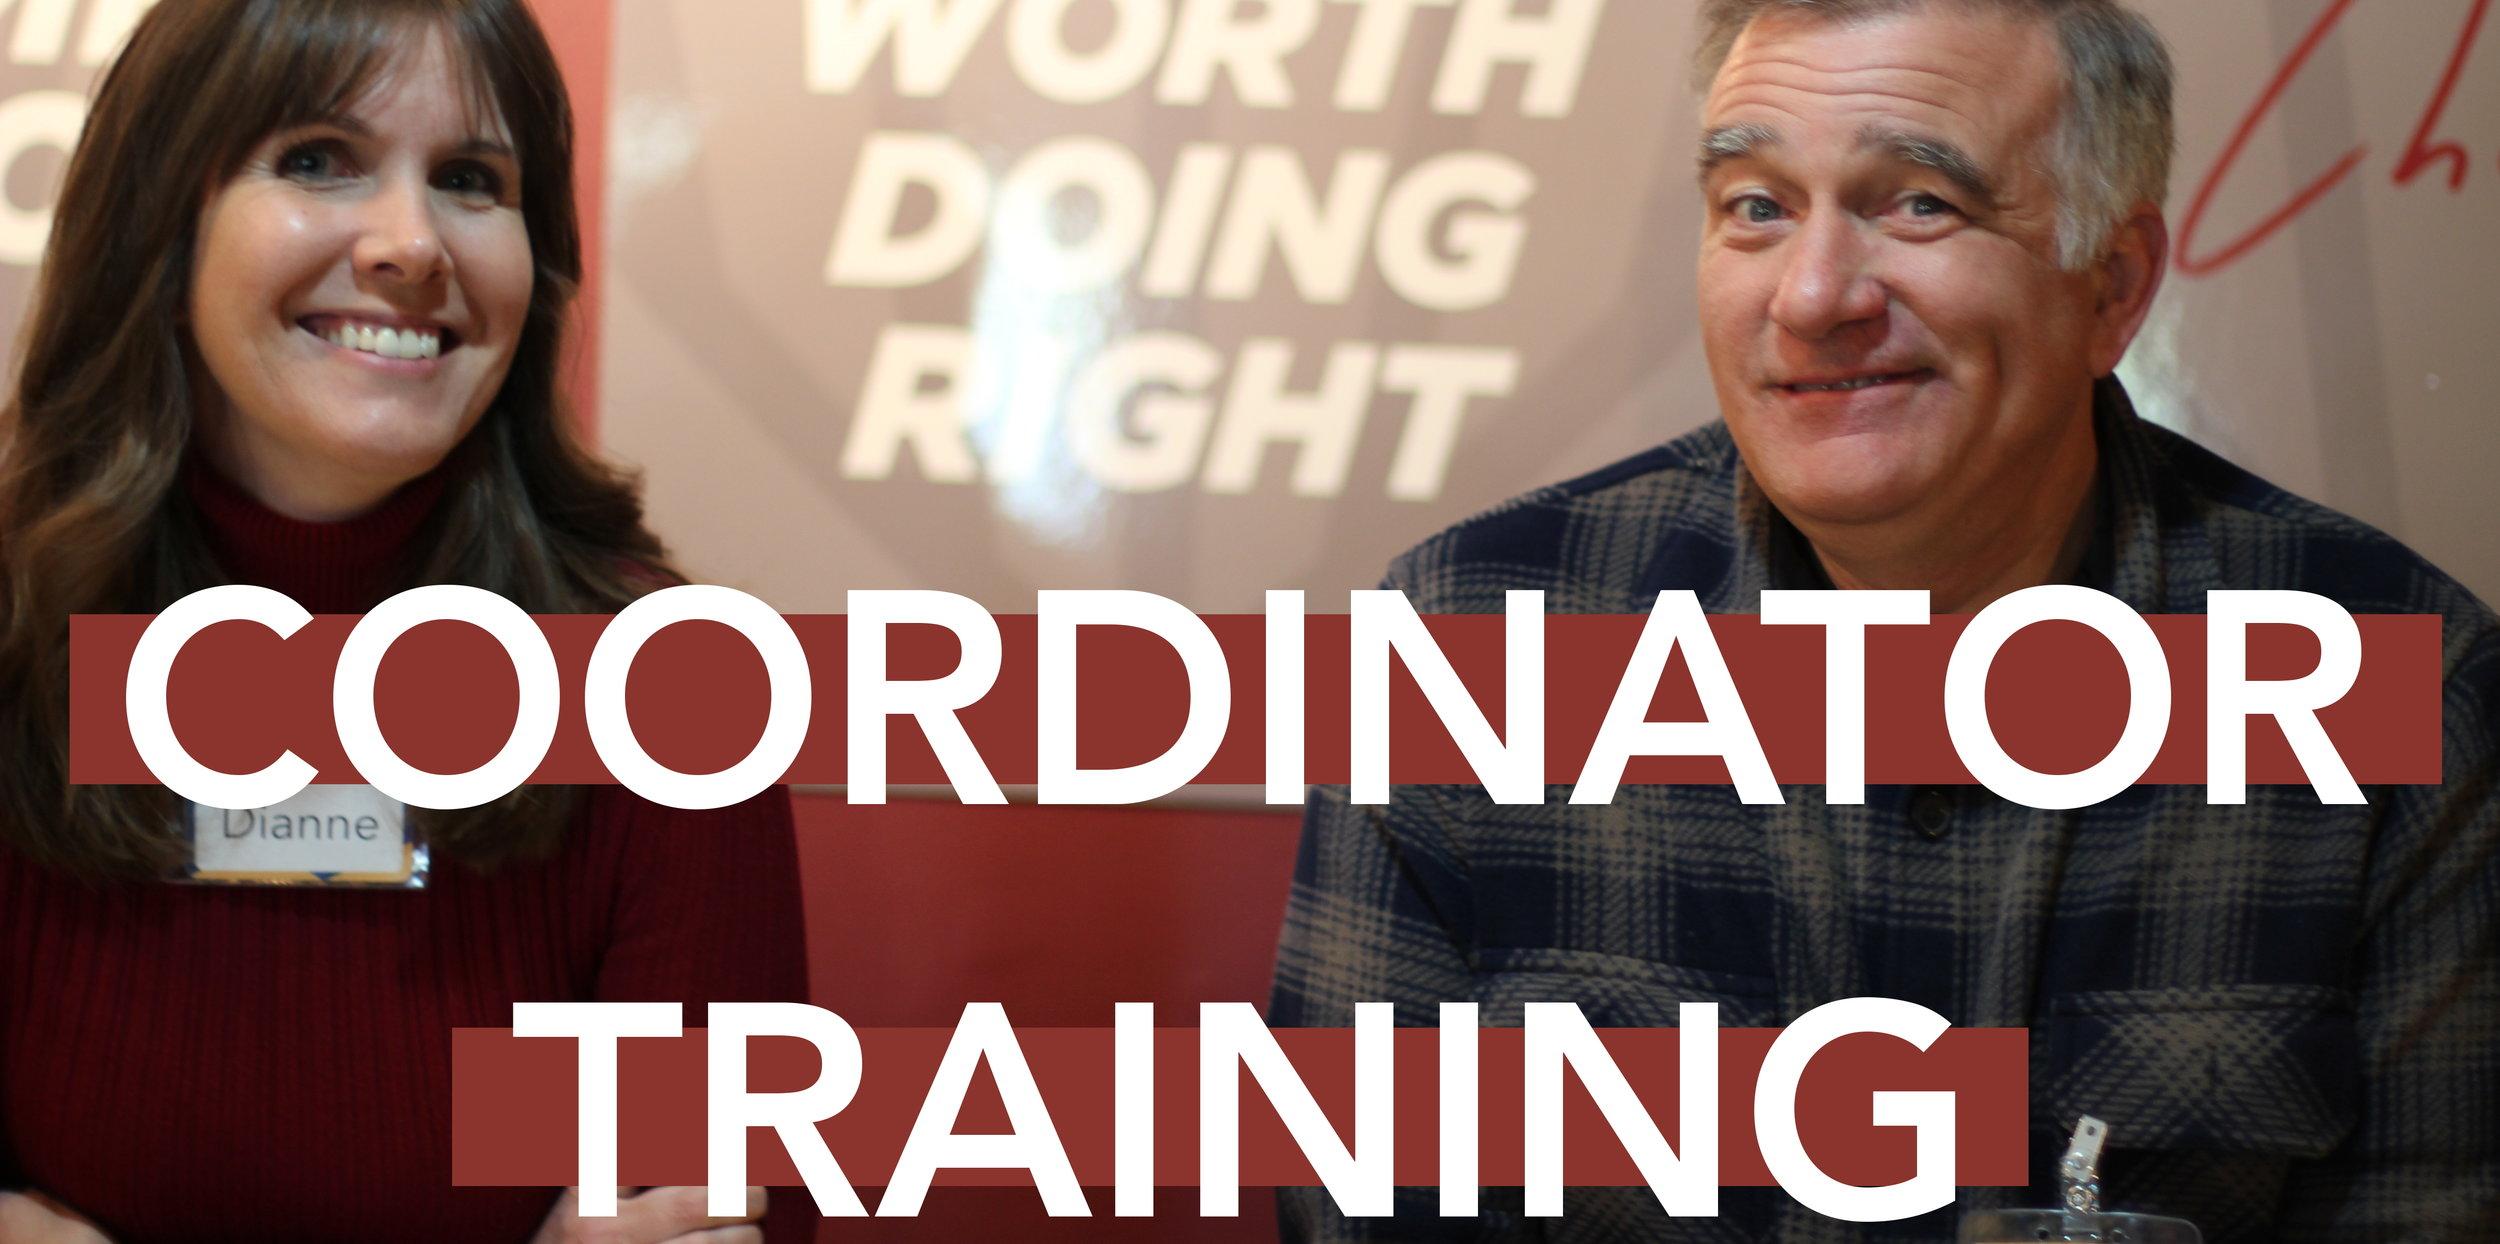 Coordinator Training.JPG